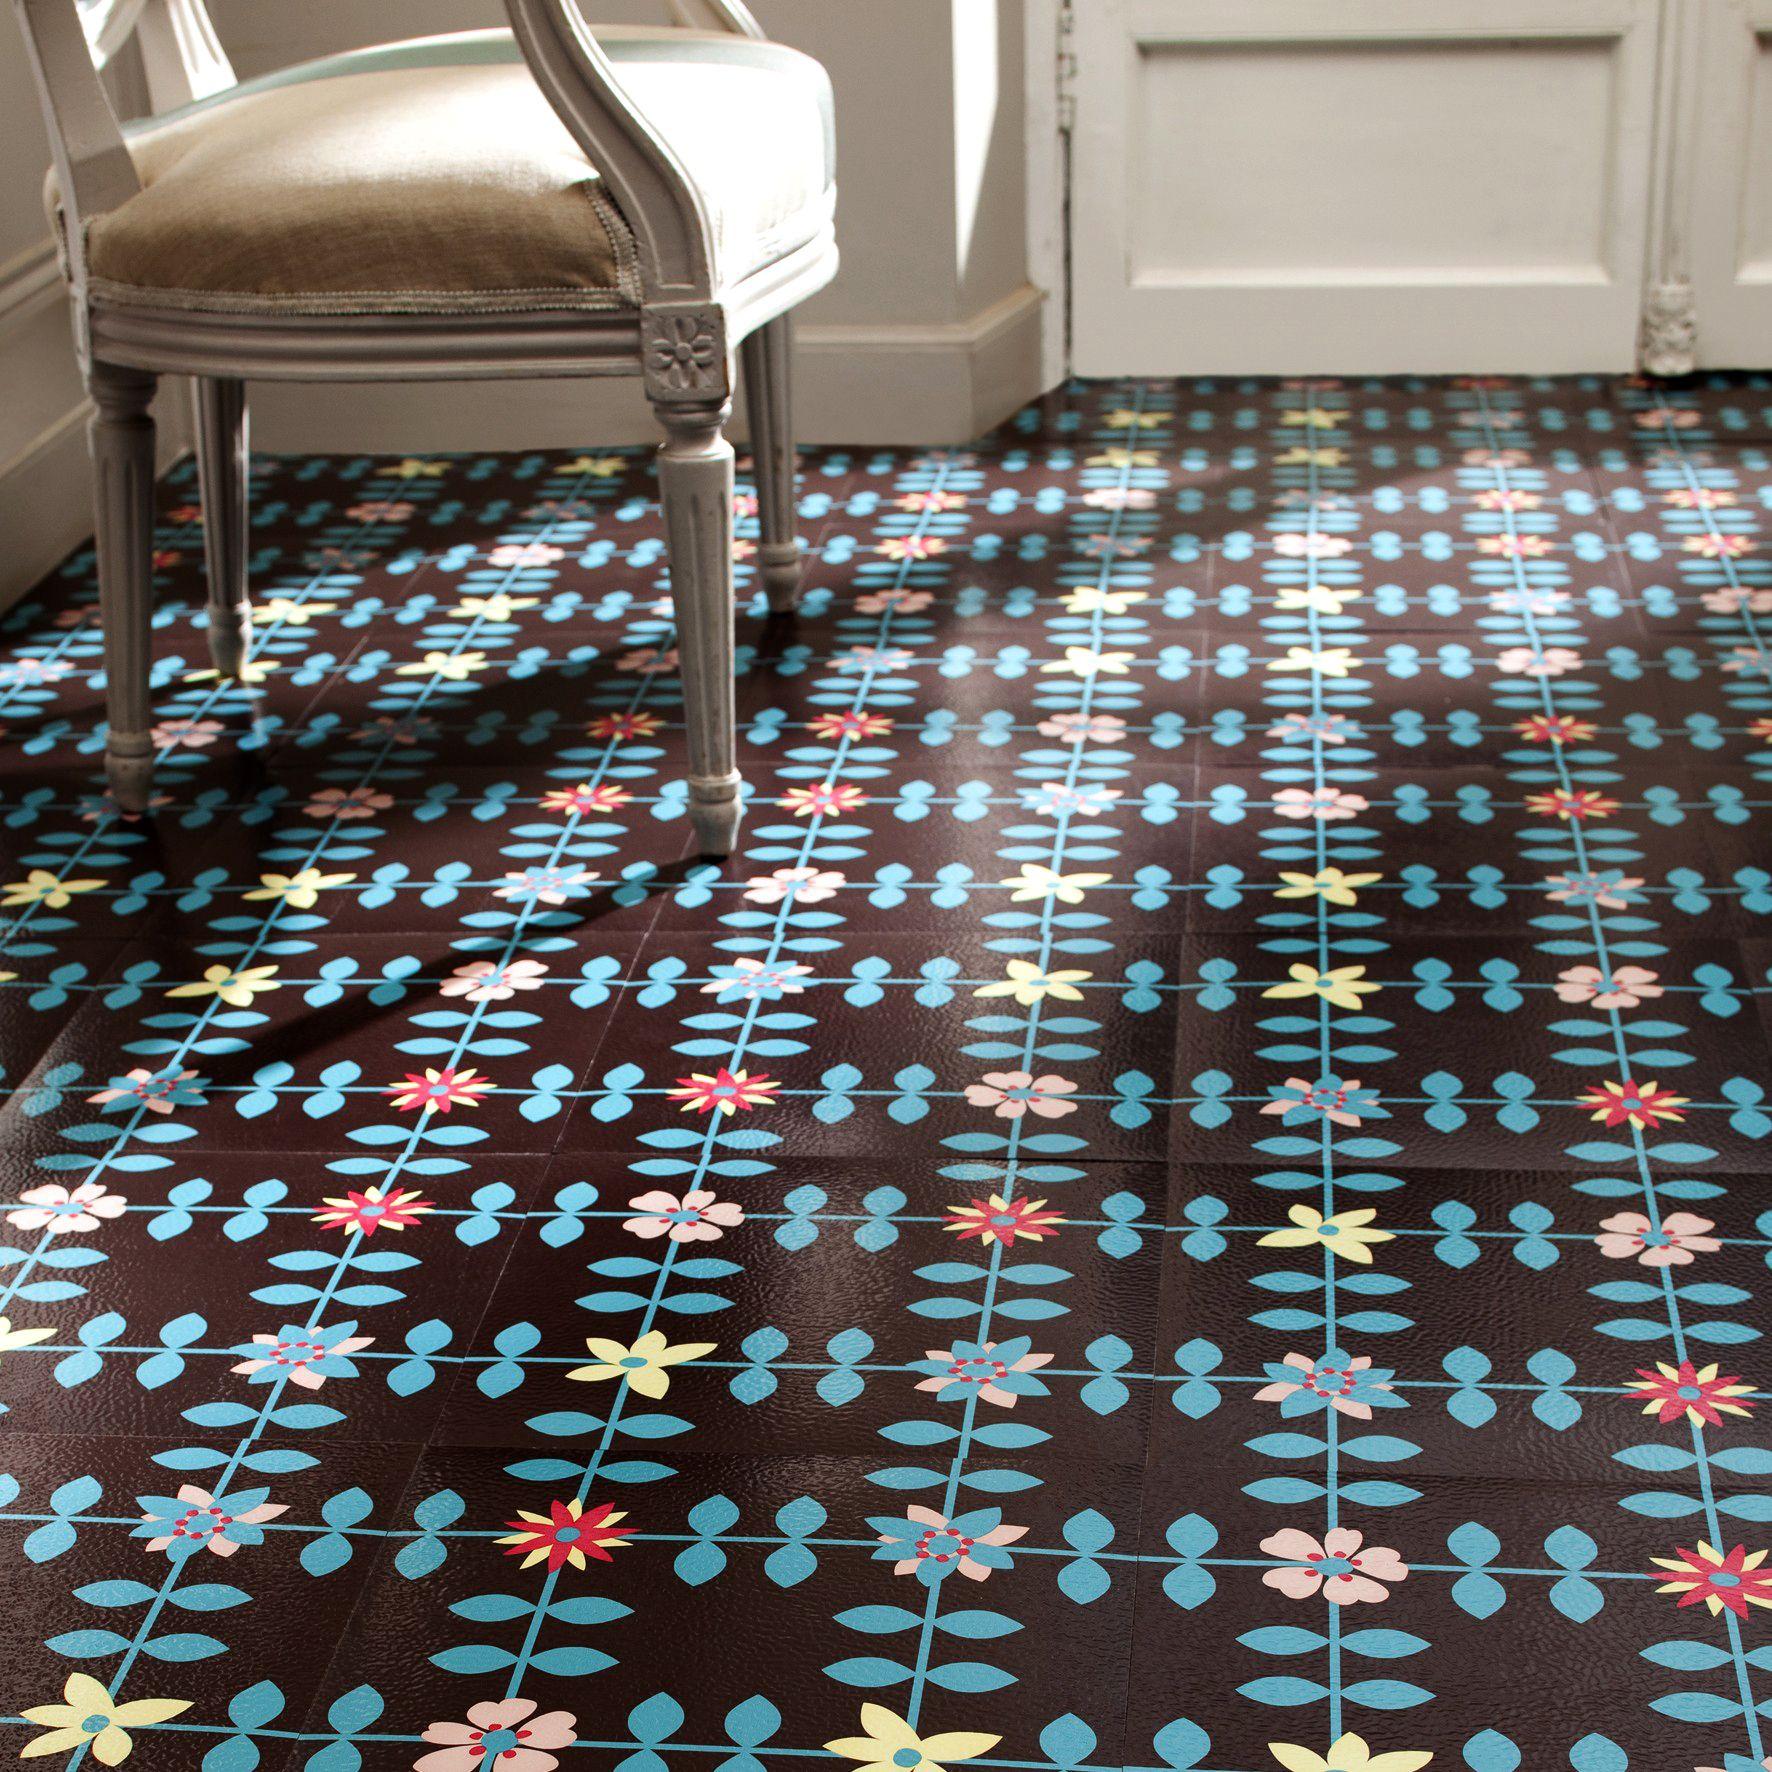 Decorative Vinyl Floor Tiles Geen Saaie Houtprint Meer Op De #vloer Zelfklevende #vloeren Zijn